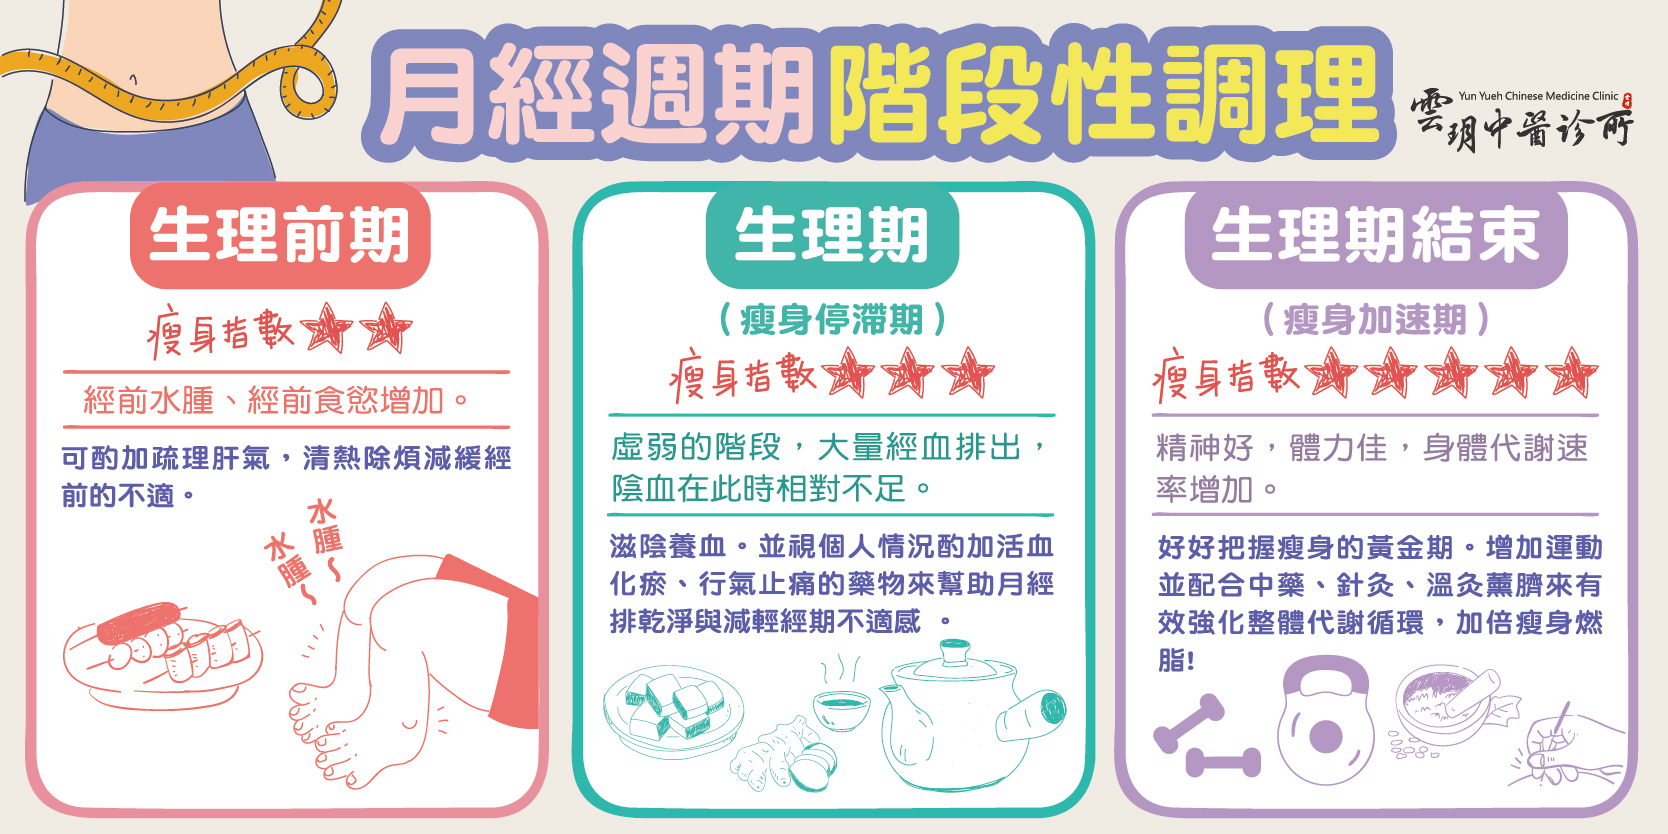 經期減重調理 #中藥減肥